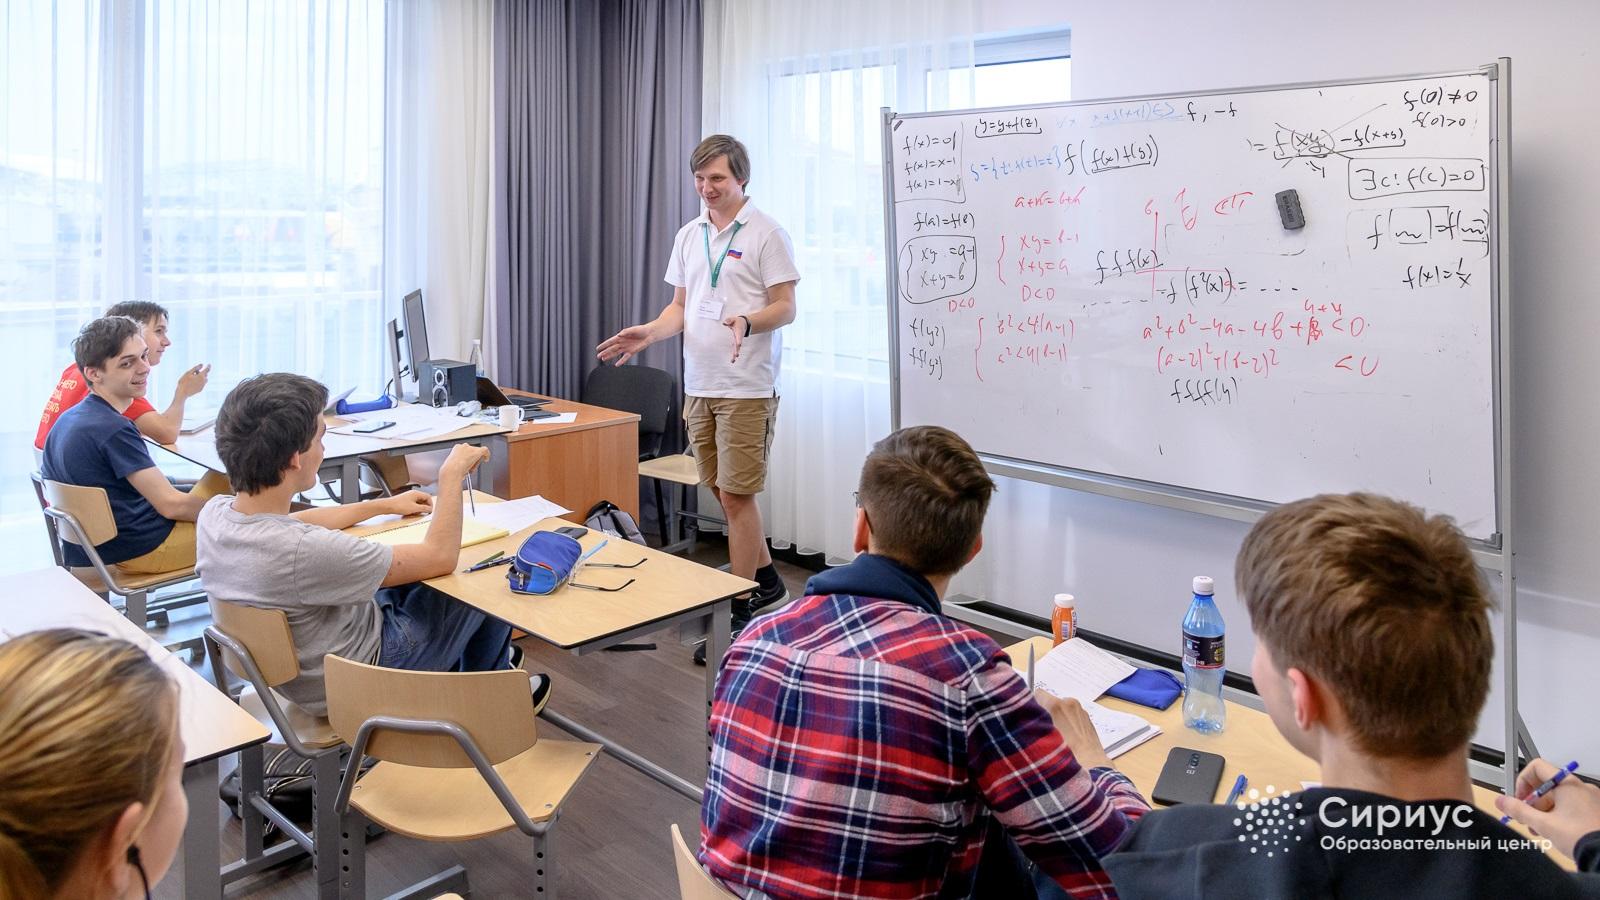 Кандидаты в сборную России по математике готовятся к международной олимпиаде